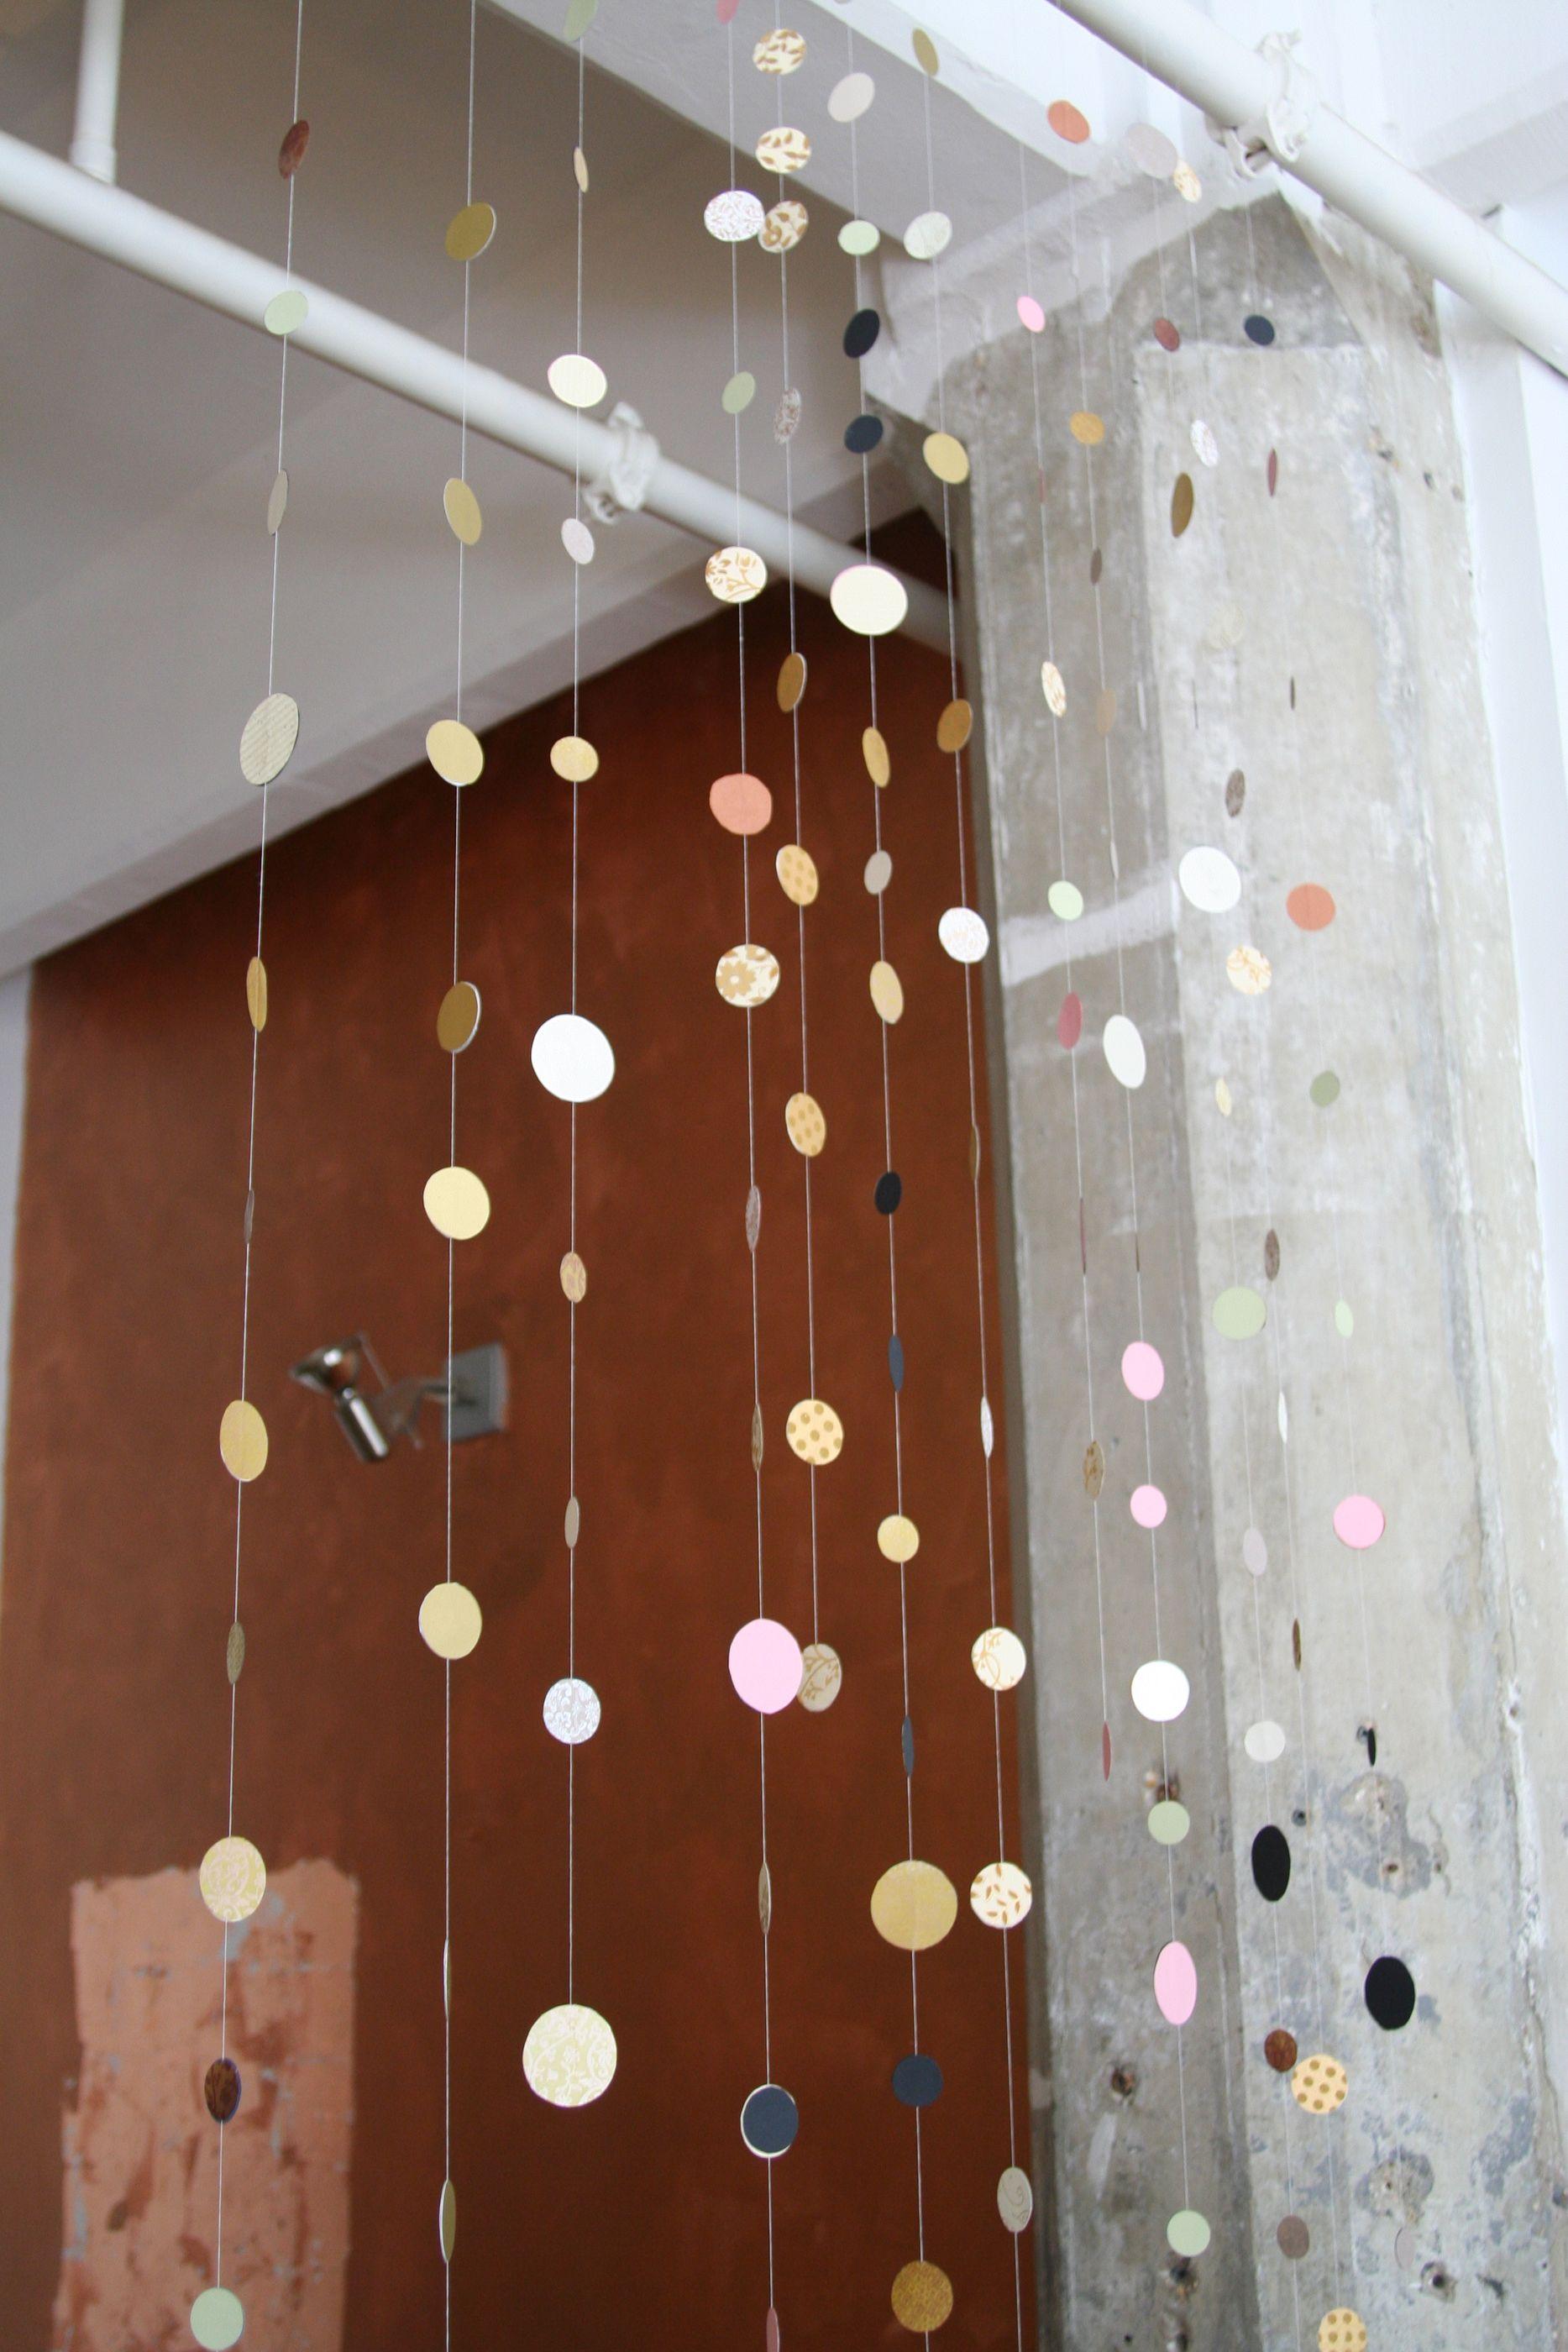 thingsiliketolookat.com: Handmade confetti garland